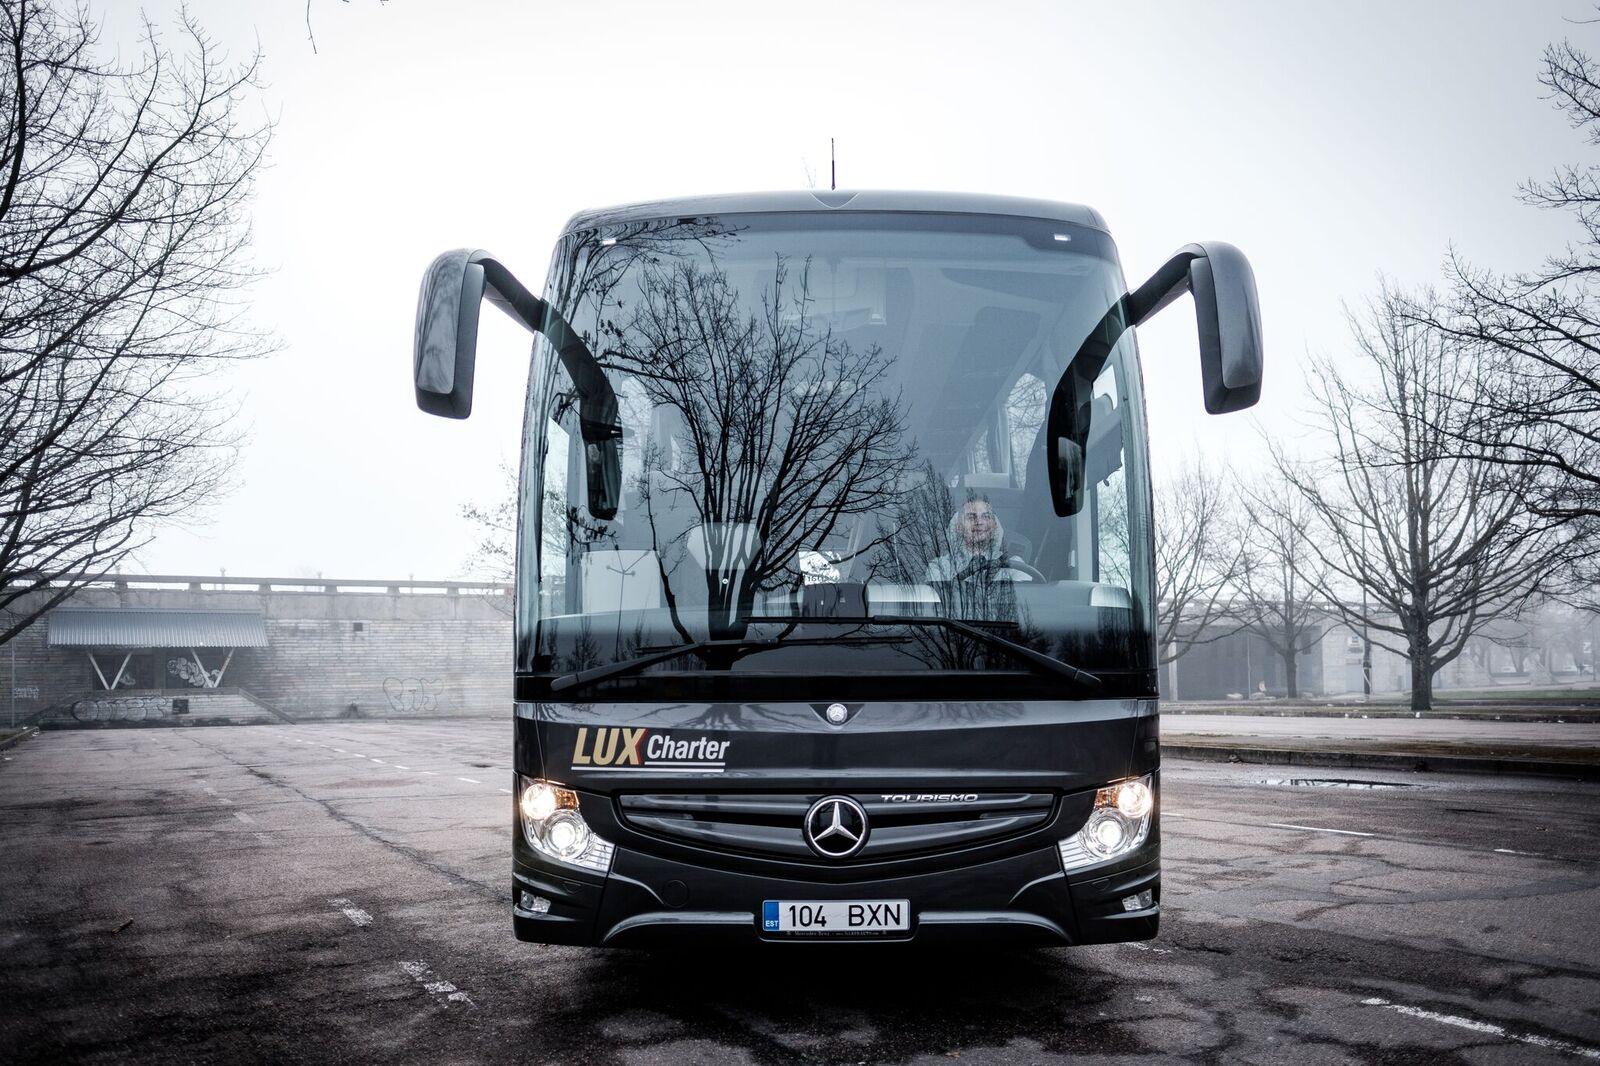 Telli mugavad ja turvalised Lux Charter bussid.